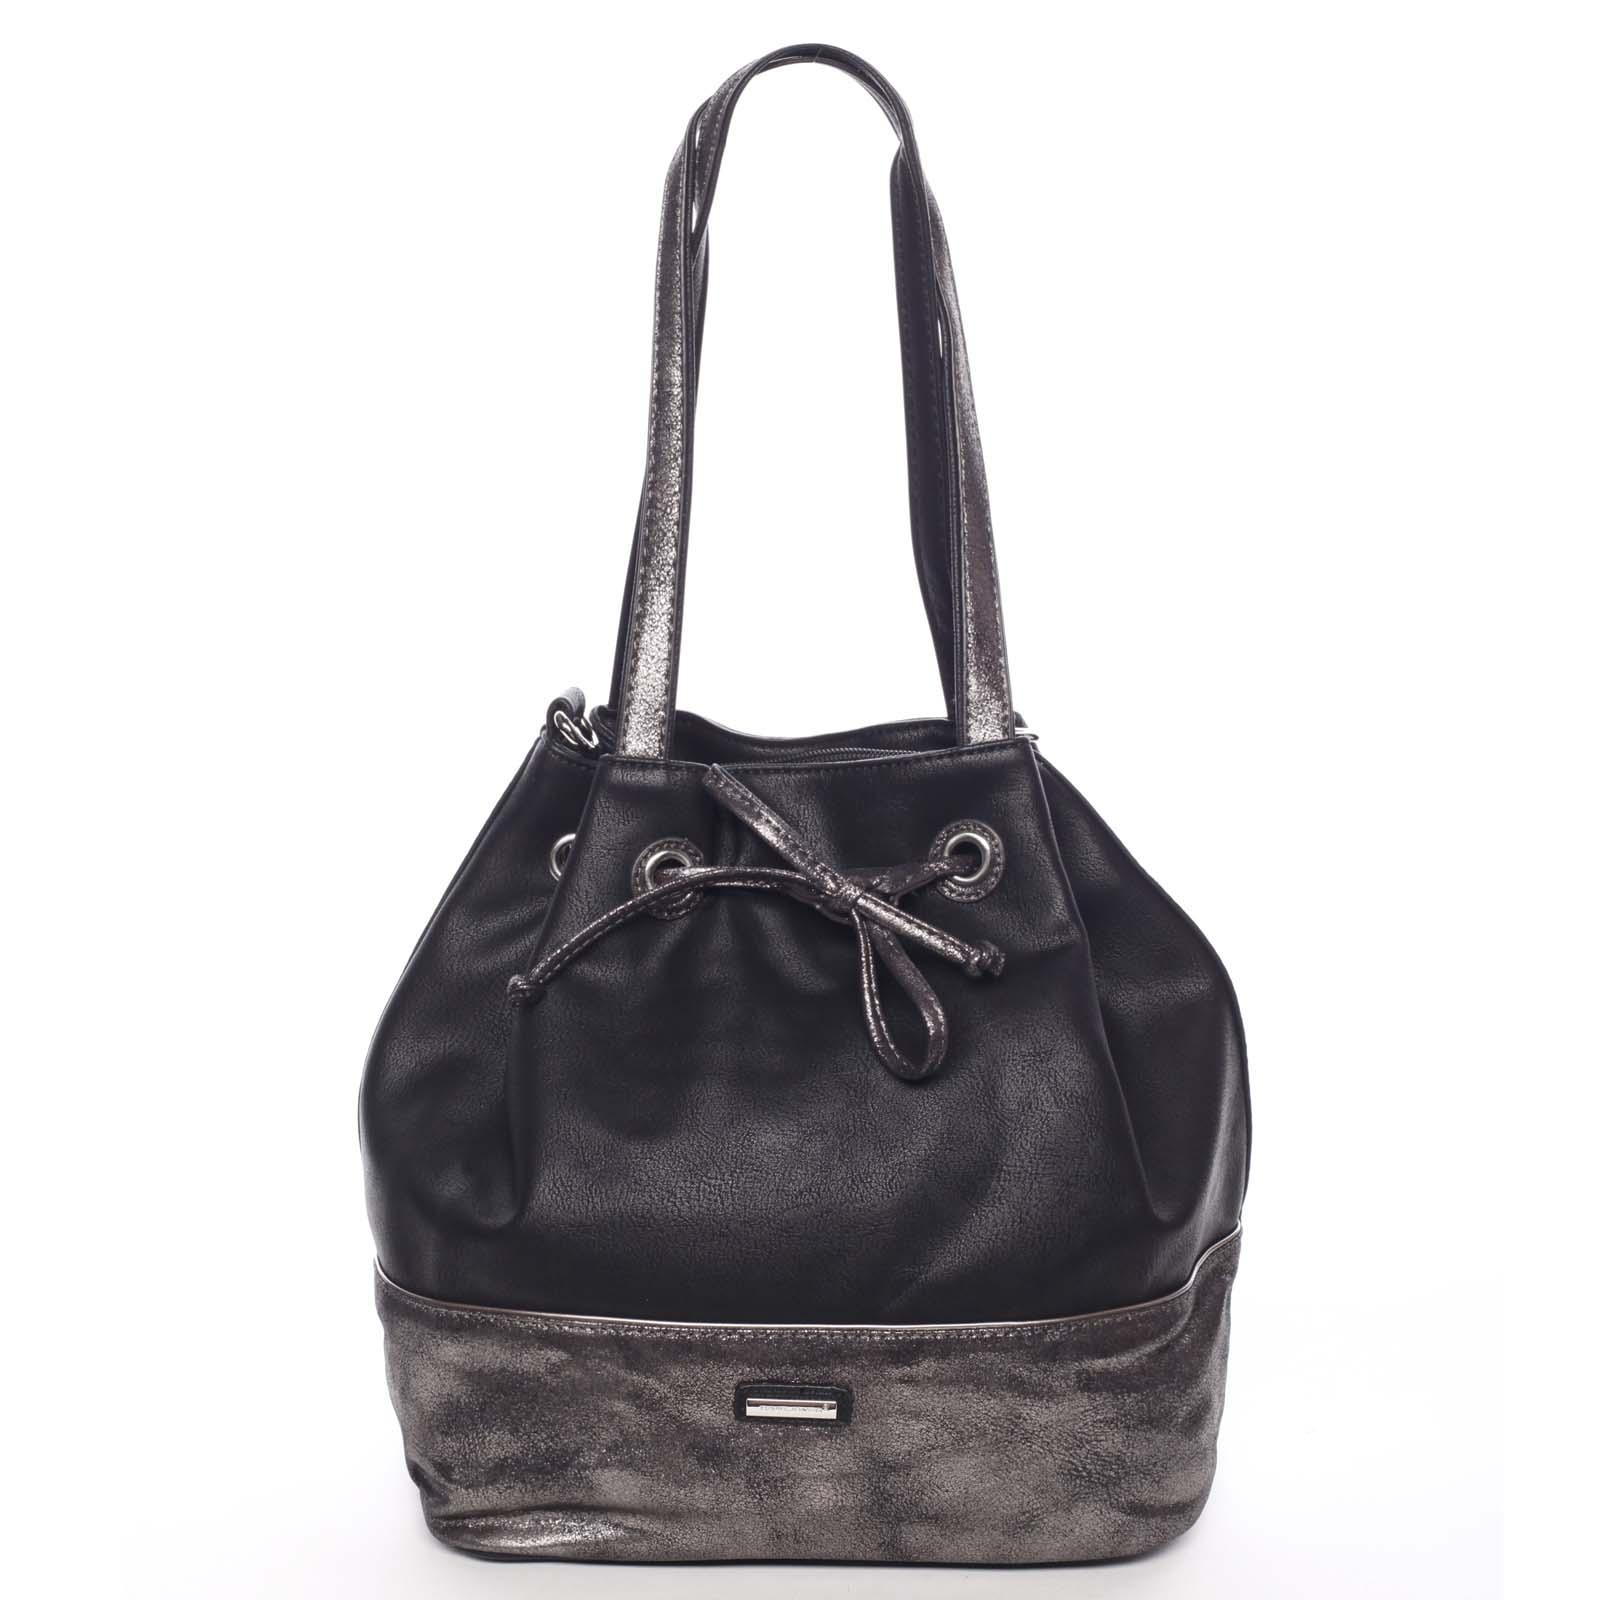 Elegantní měkká dámská kabelka přes rameno černá - David Jones Nanette